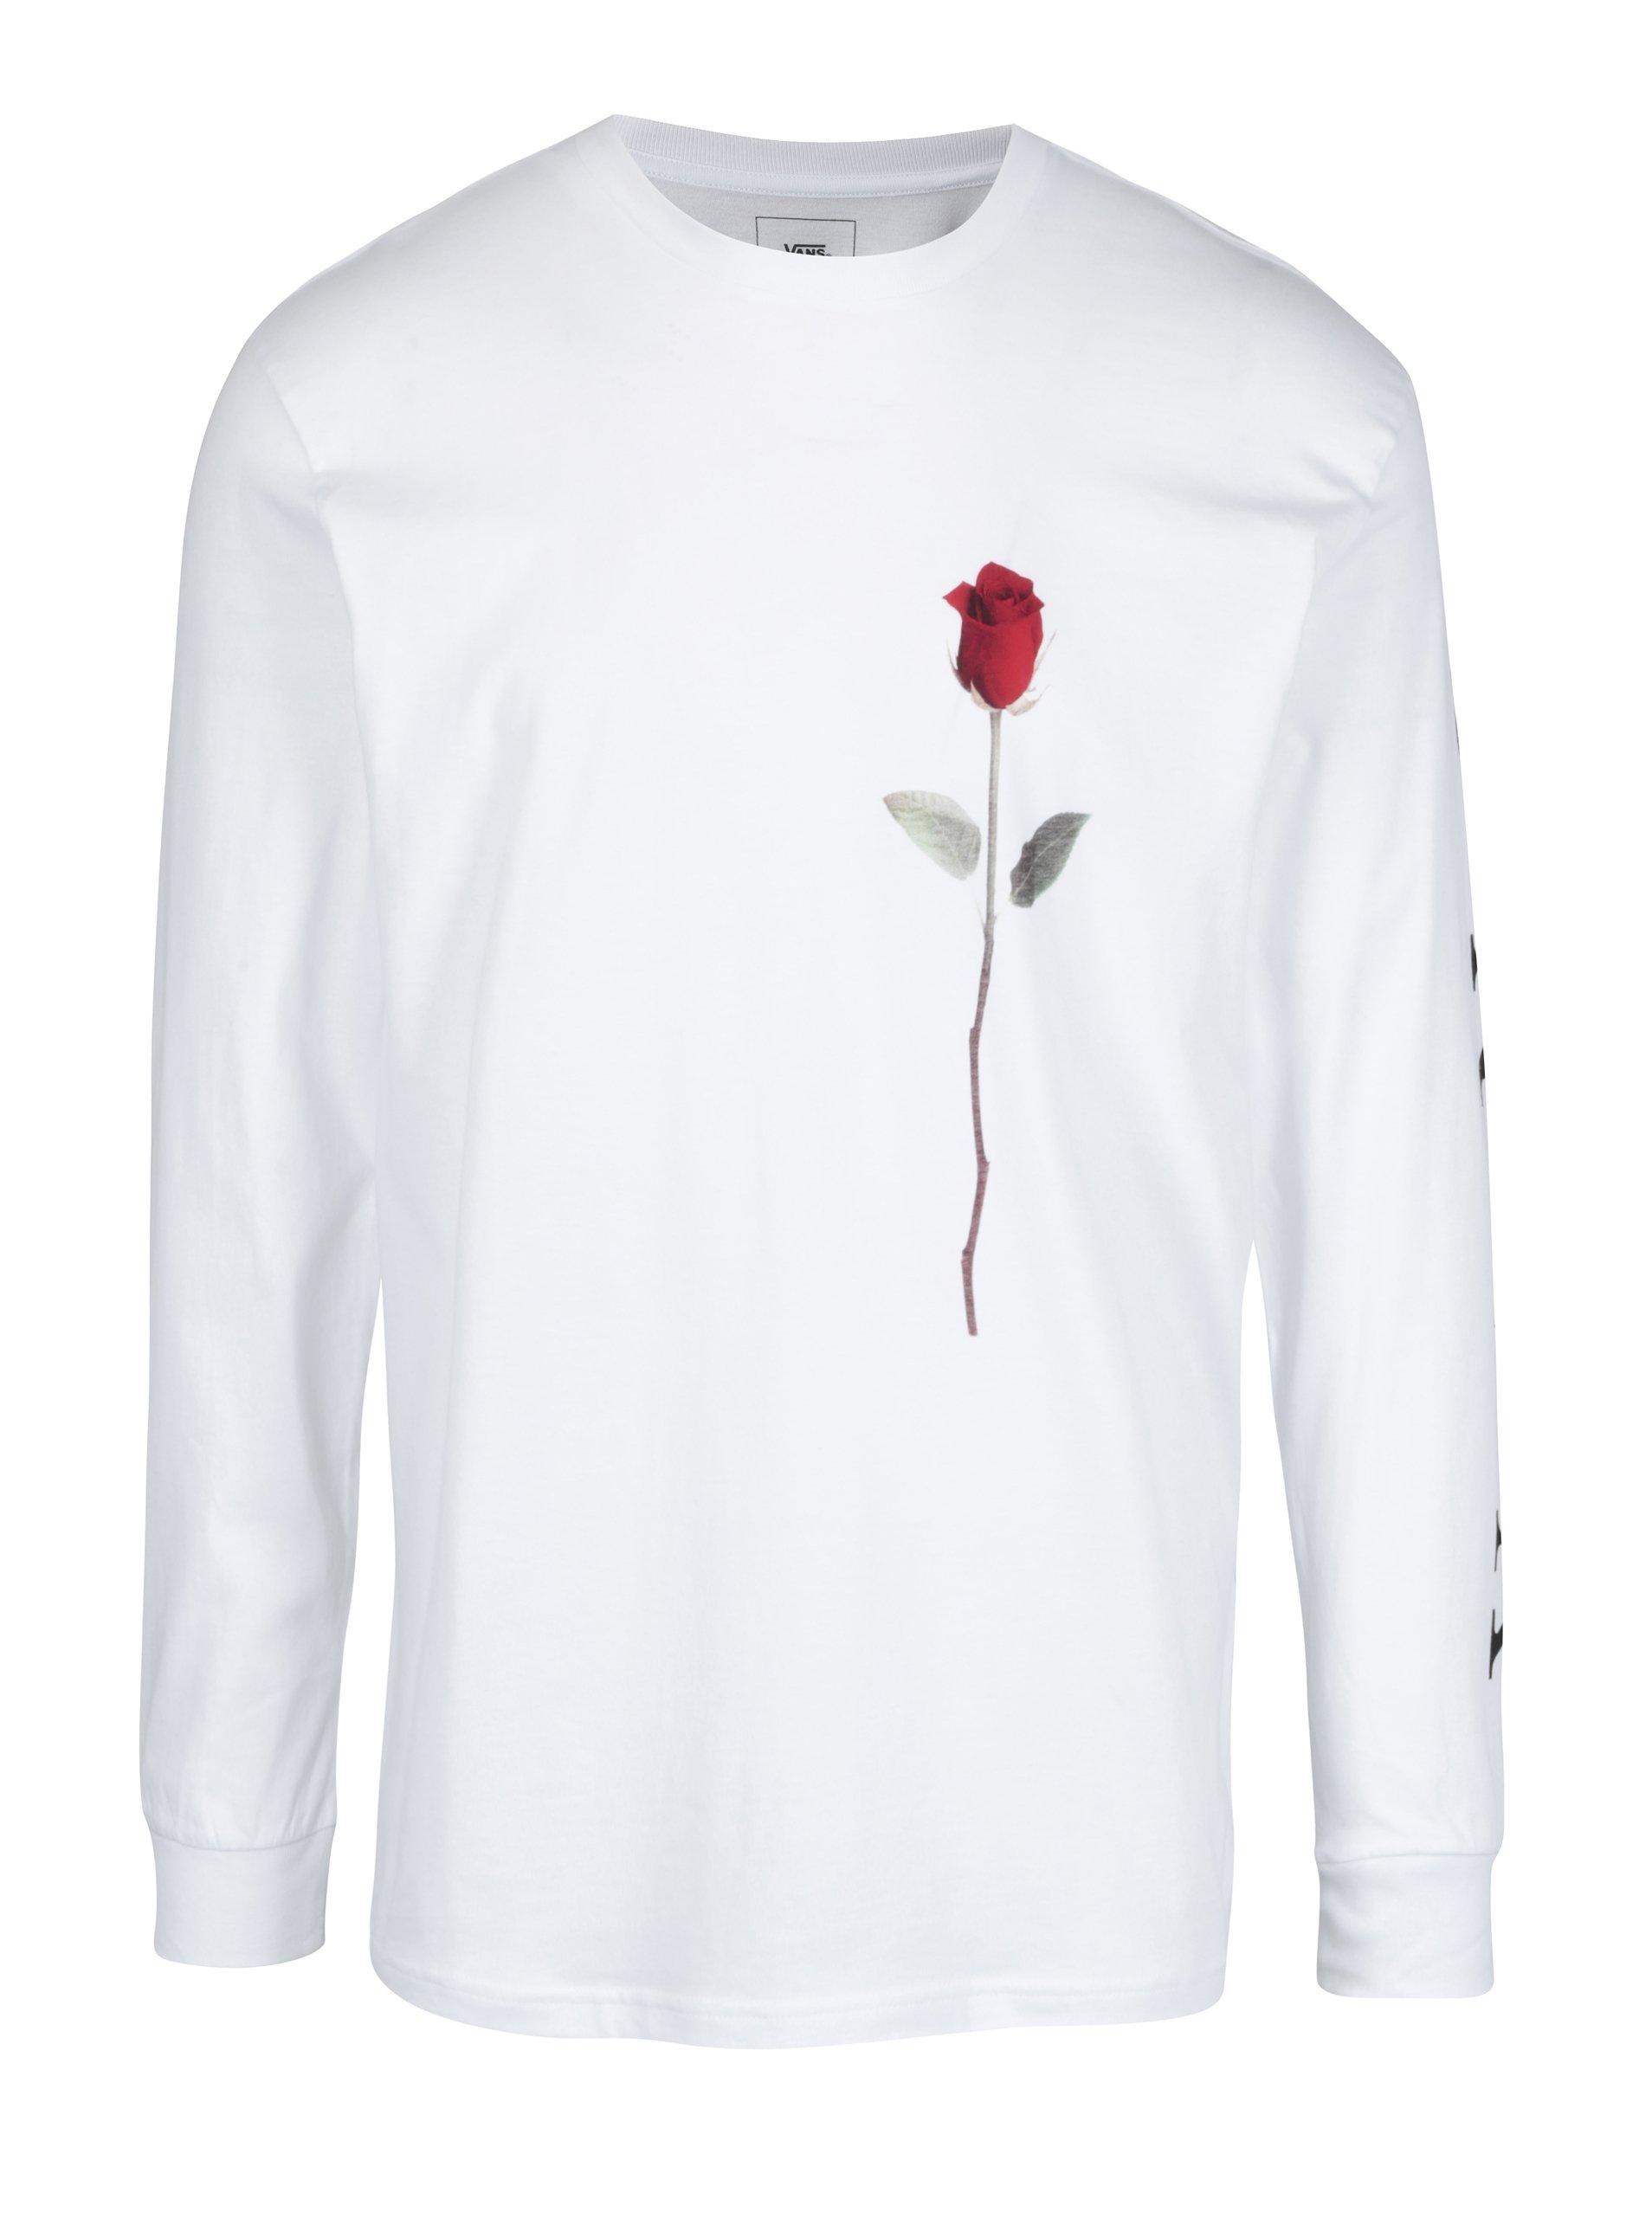 Bílé pánské tričko s potiskem růže VANS Rose